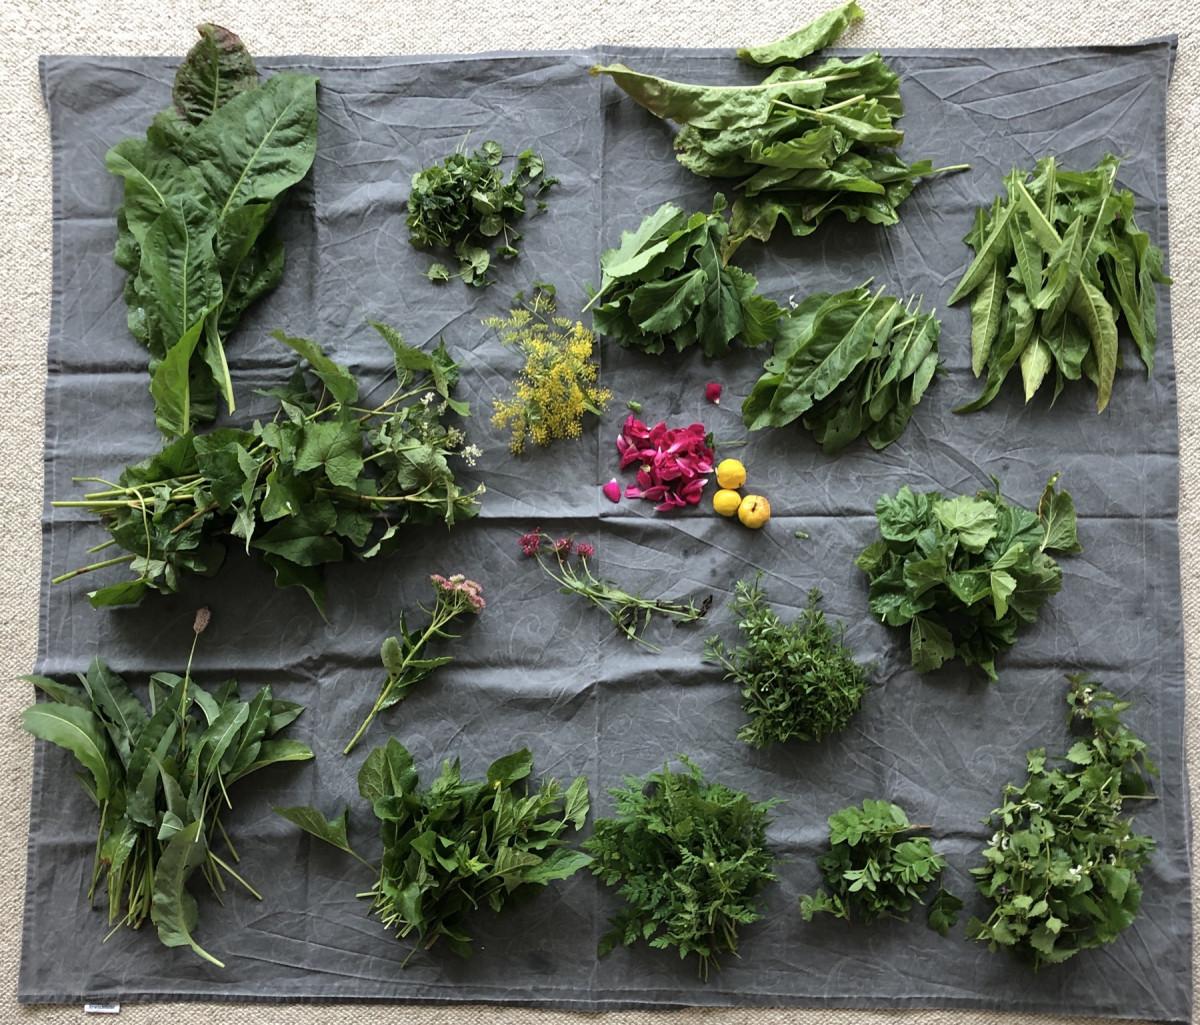 Kleine Sammlung an wildem Grün im Waldgartenkurs